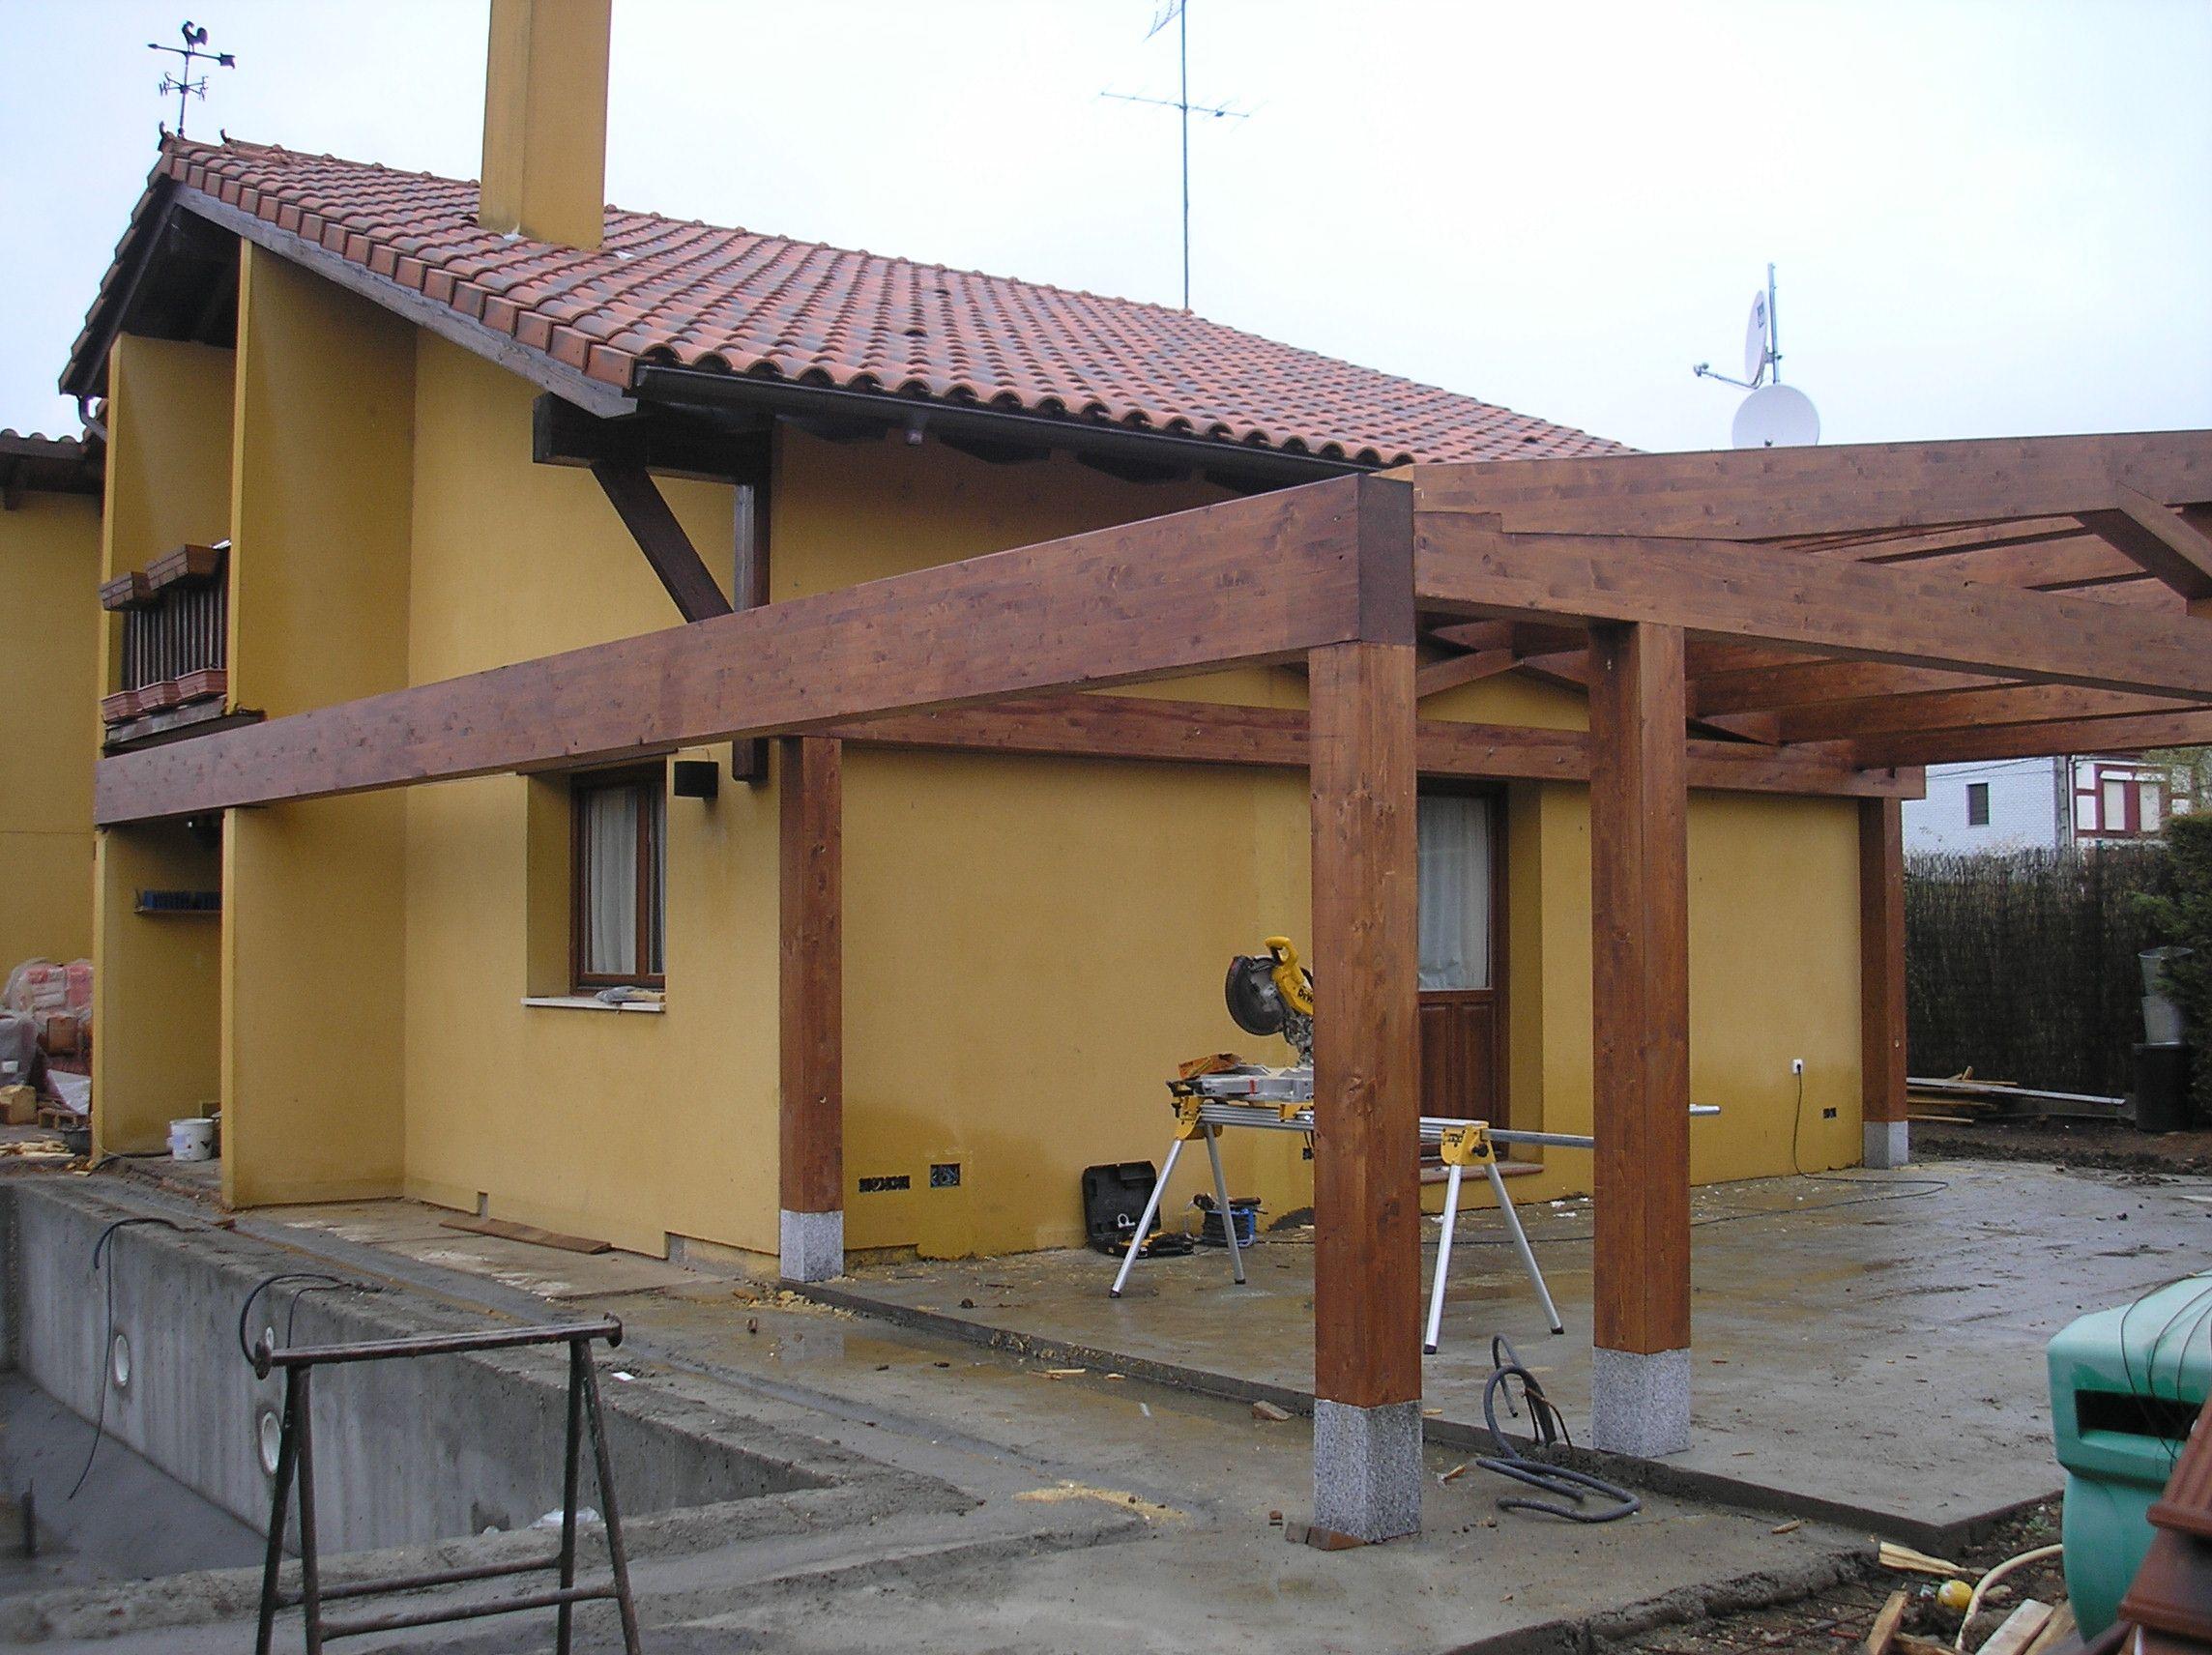 Construcci N Porche A Dos Aguas En La Trasera Y Lateral De